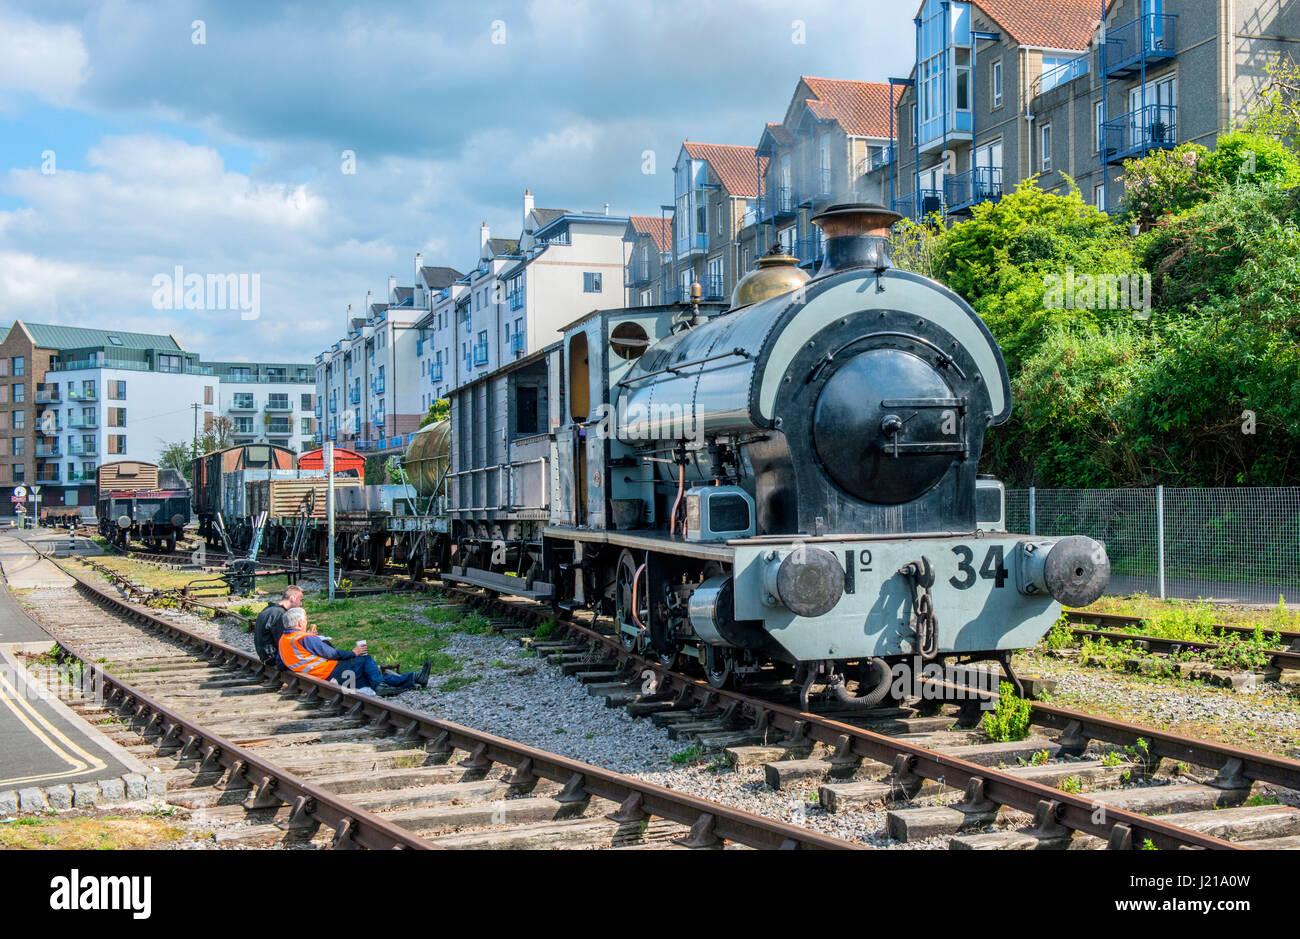 Working Steam Engine Stock Photos & Working Steam Engine Stock ...